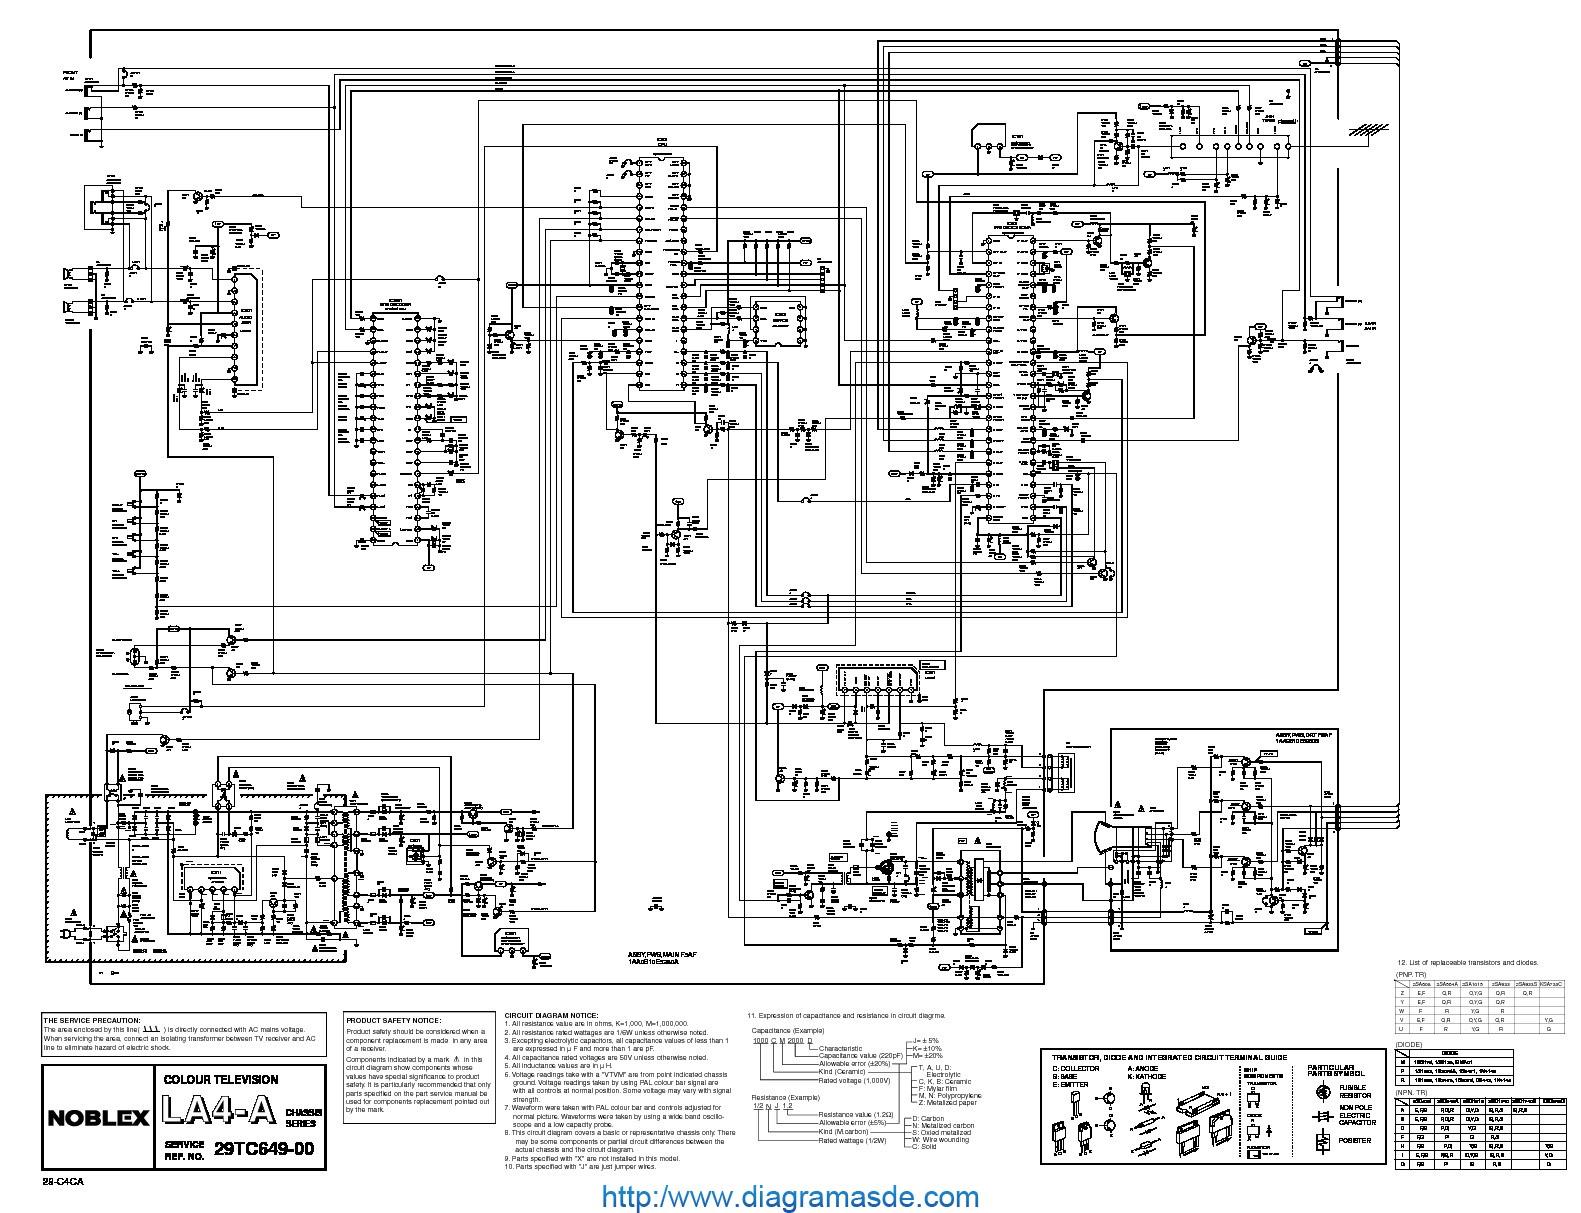 noblex 29tc649 1  pdf noblex 29tc649-00 la 4a